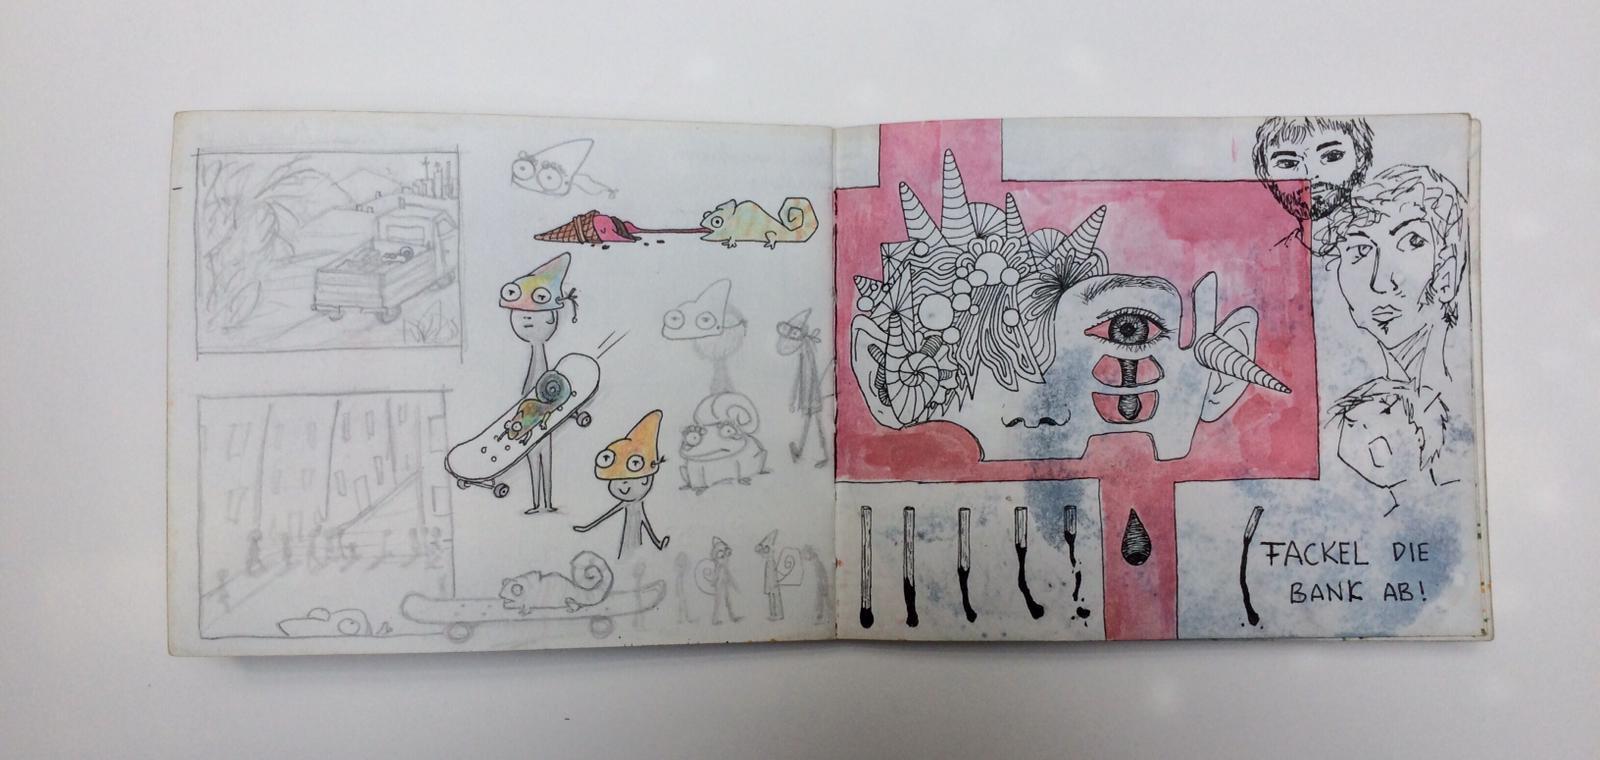 werkstatt-eden-lis-werner-illustration-skizzenbuch21